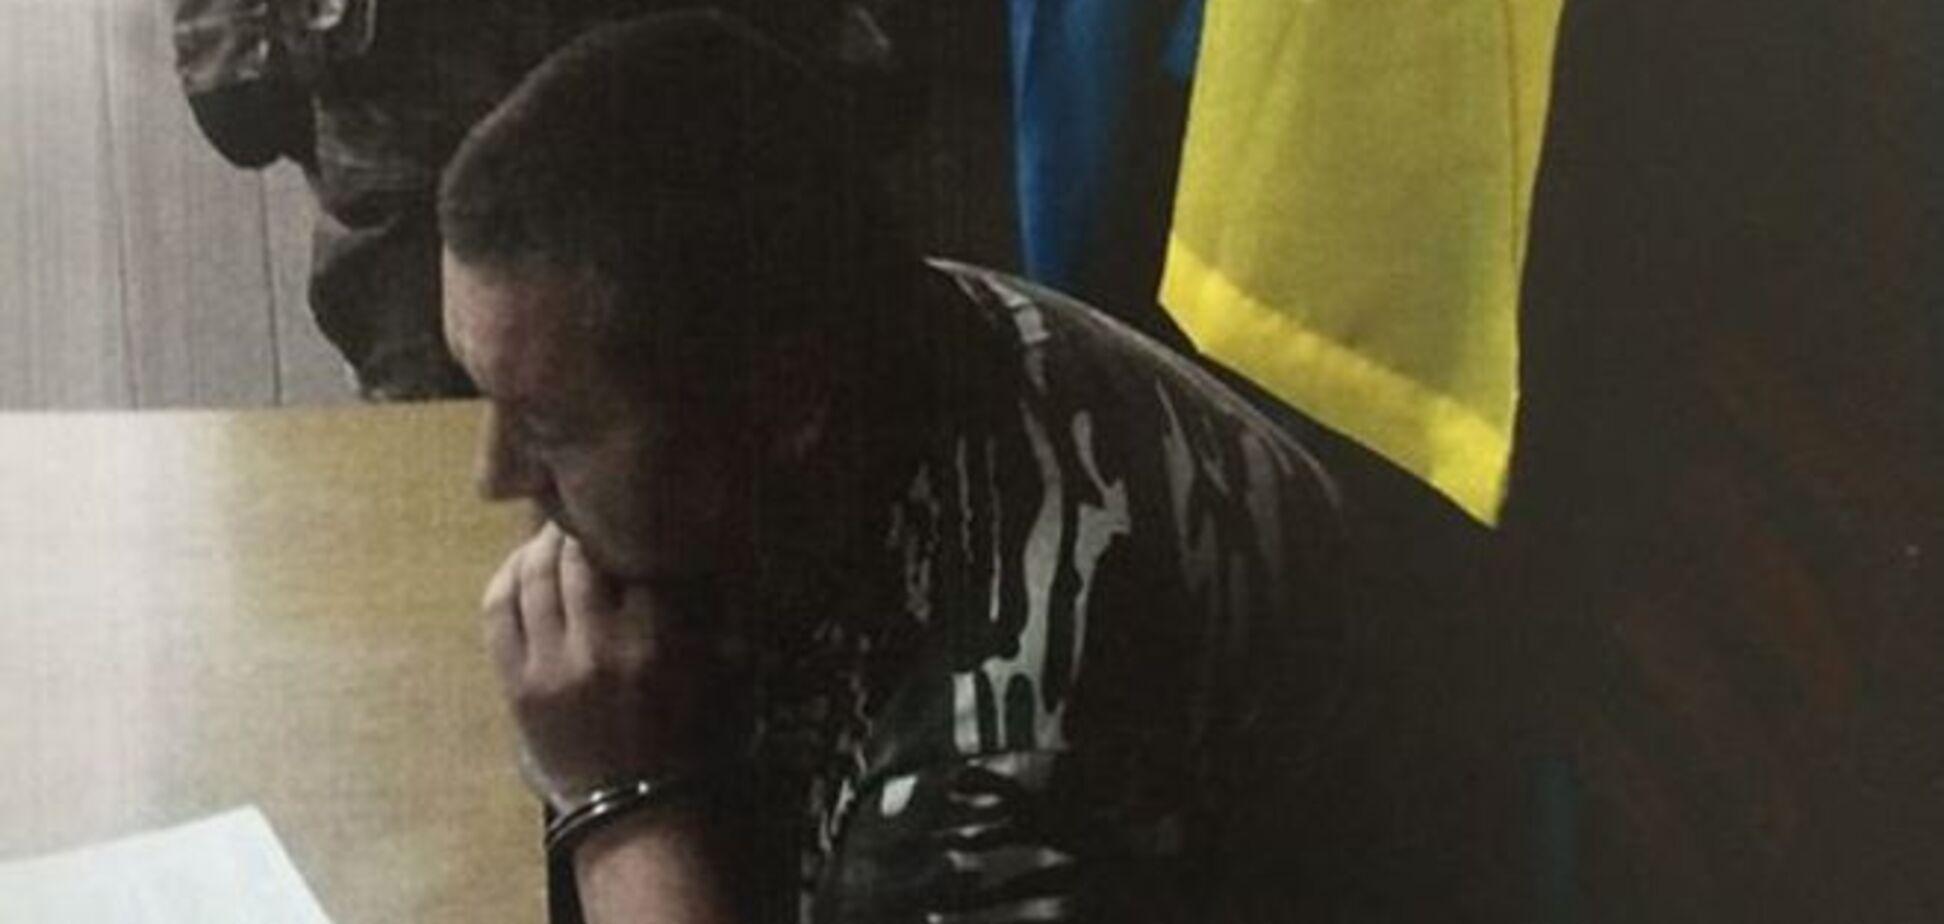 Враг в форме СБУ: правоохранители нашли в своих рядах агента ГРУ России